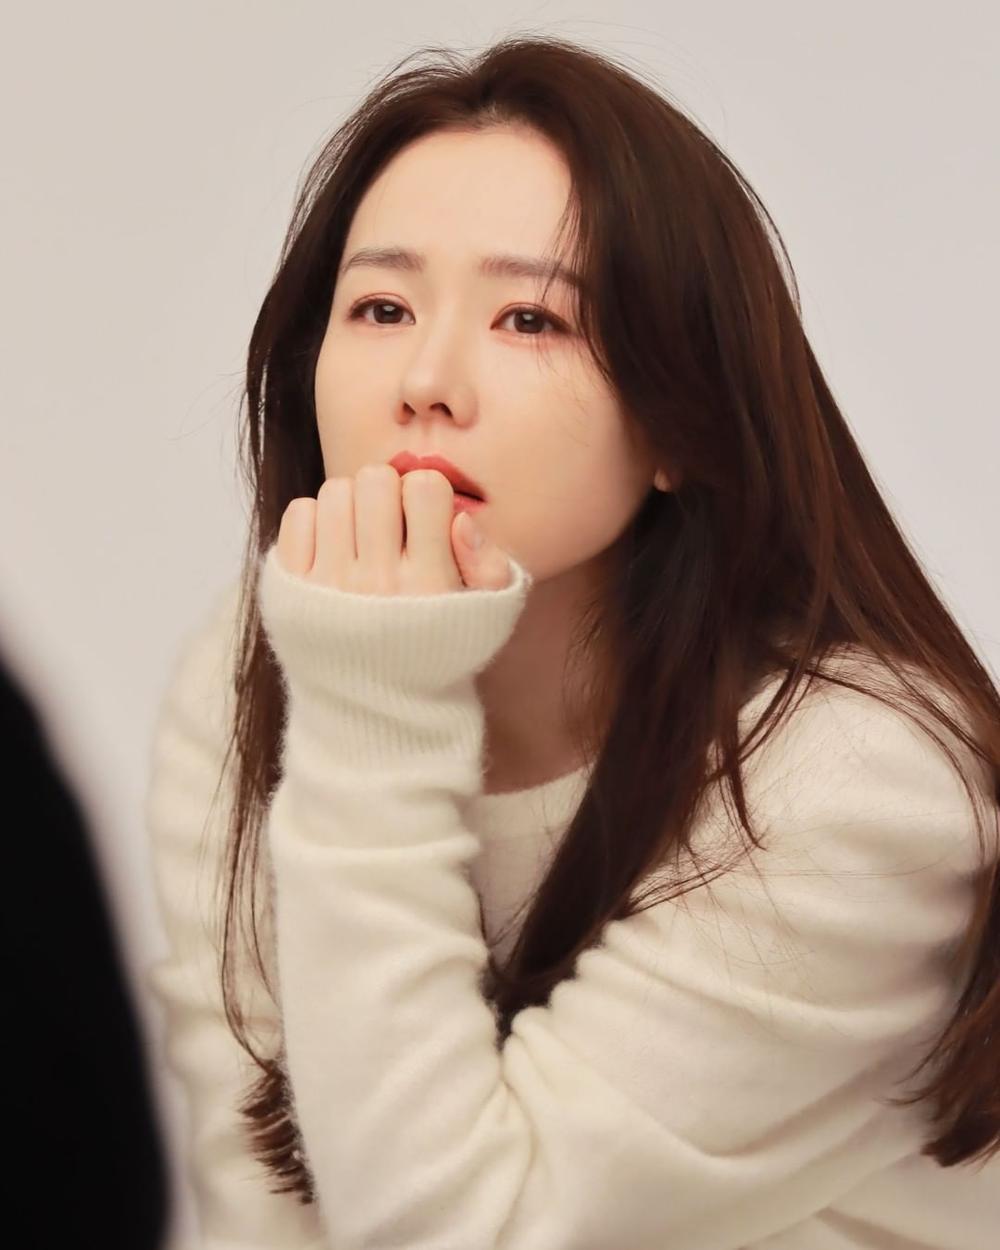 Son Ye Jin khoe nhan sắc đỉnh cao trong bộ ảnh mới: Trẻ mãi không già là đây Ảnh 4